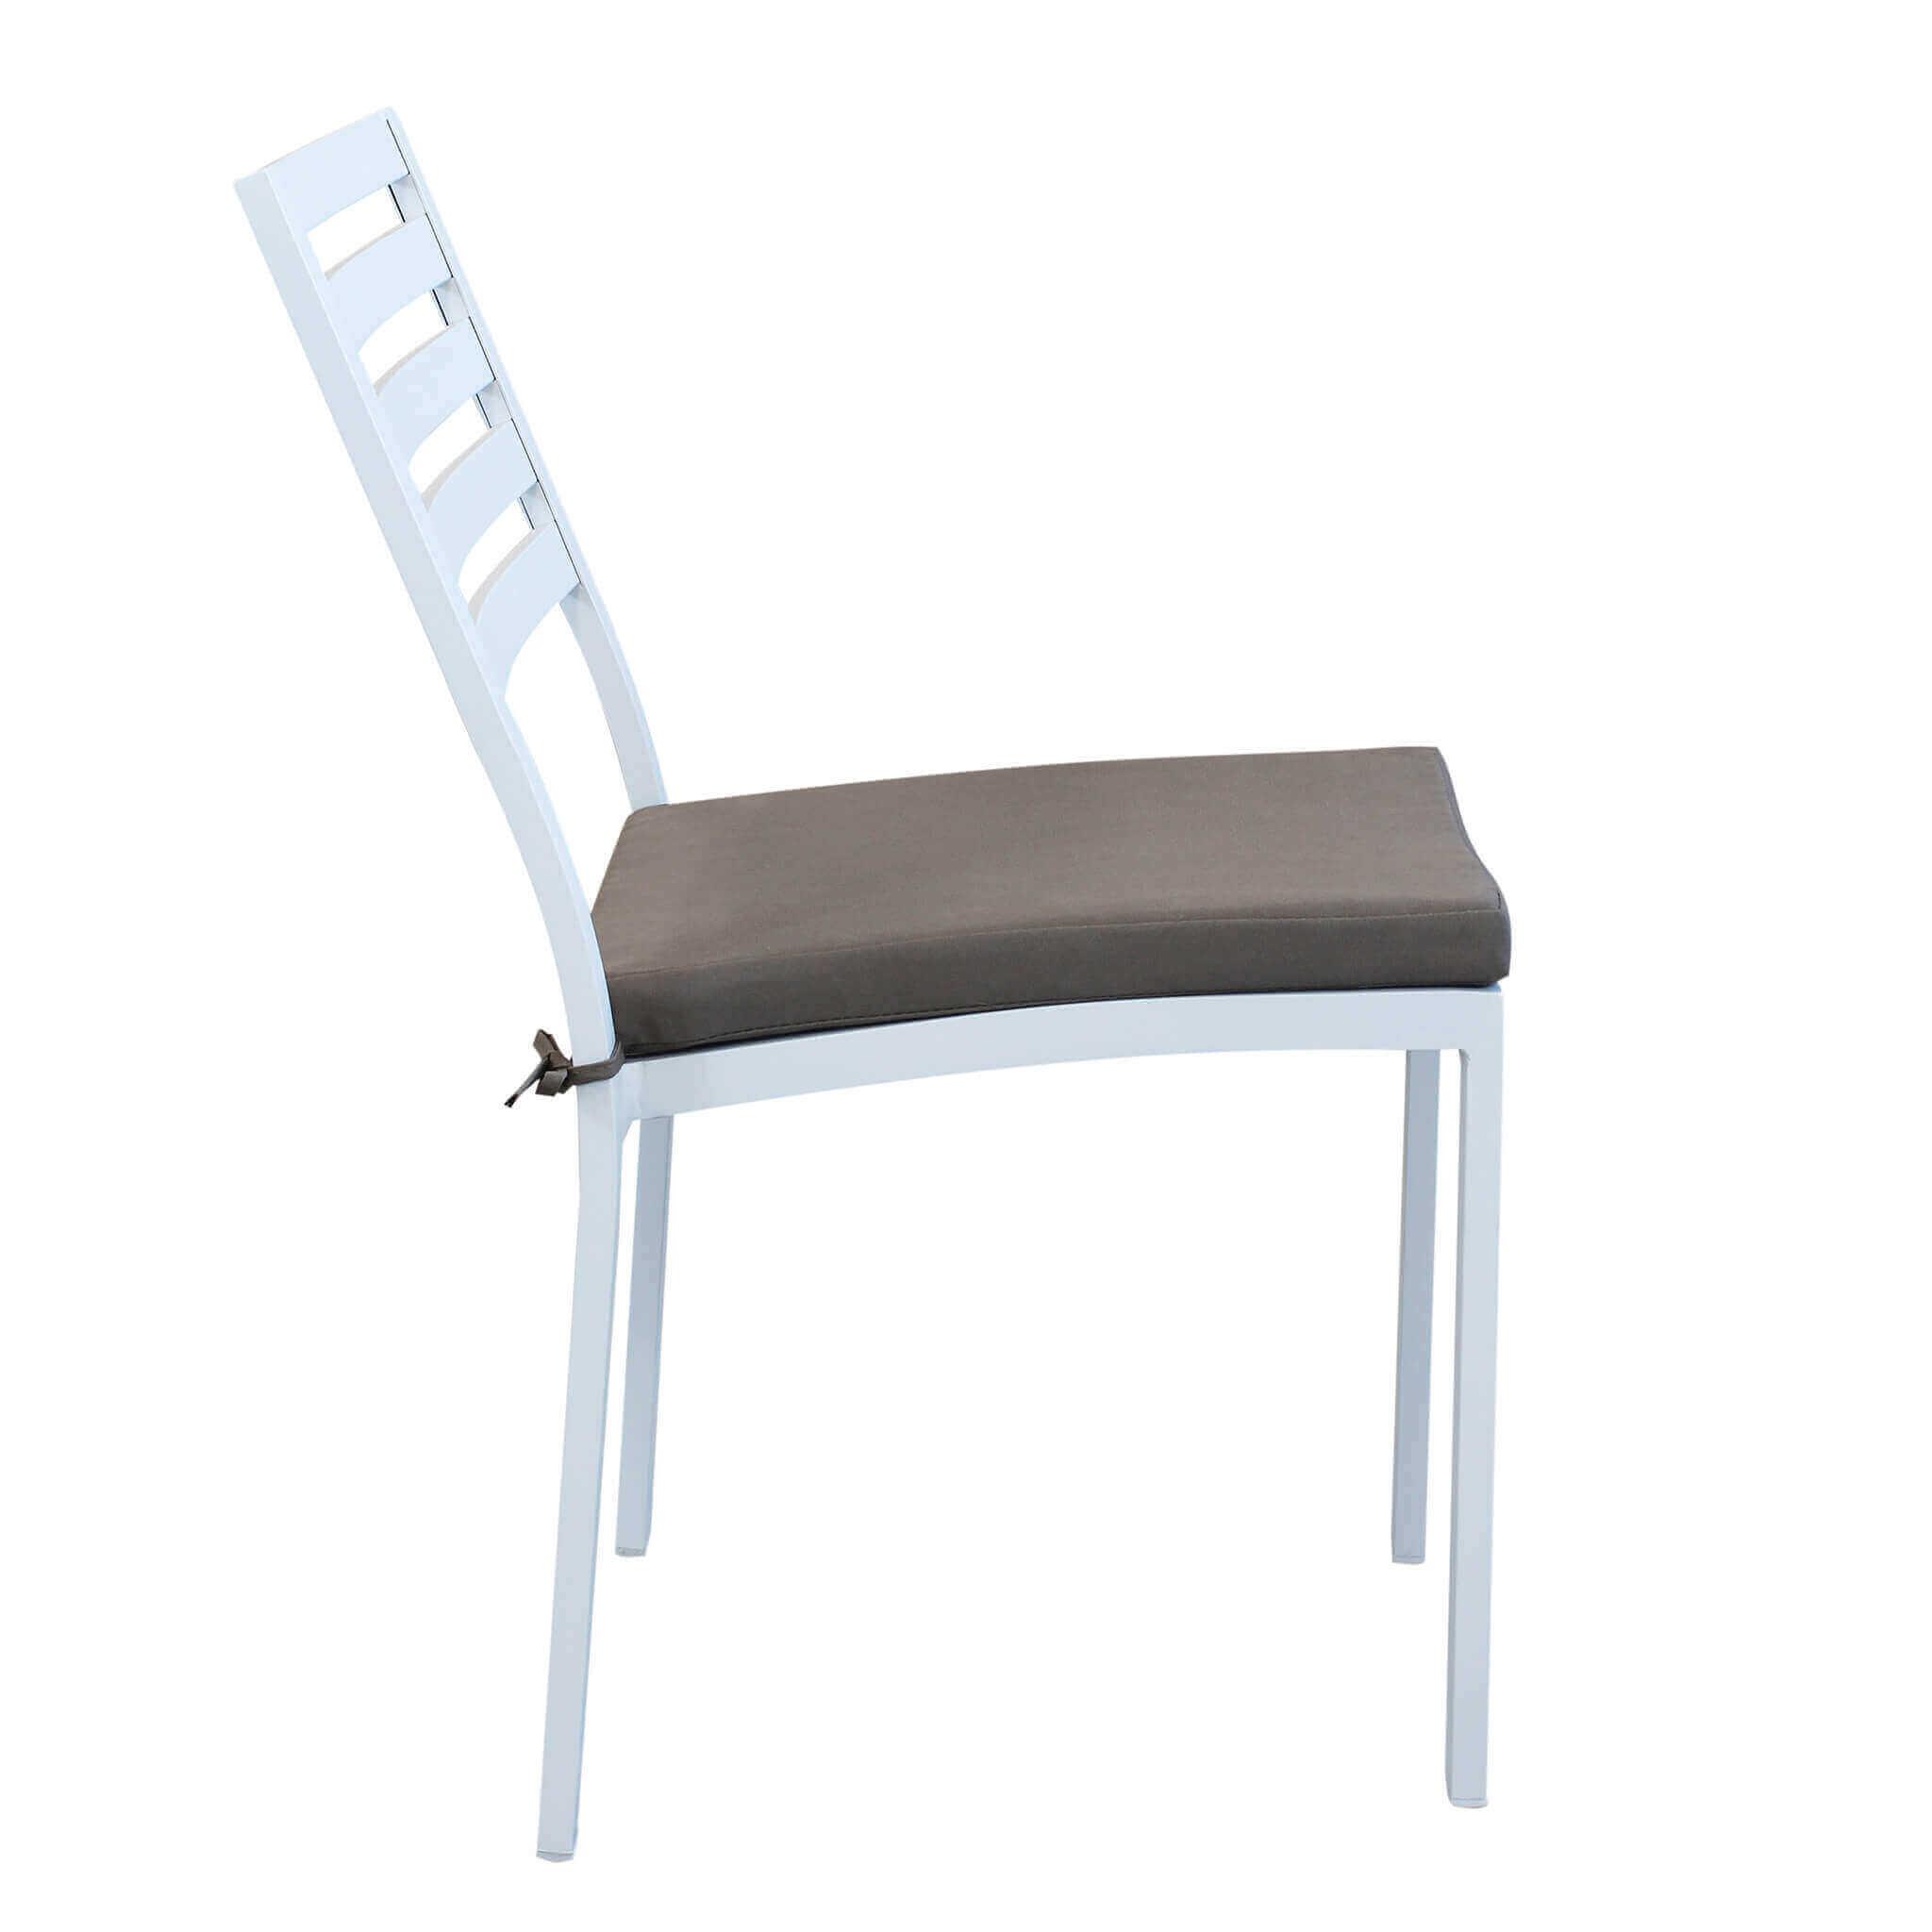 Milani Home DEXTER - sedia da giardino in alluminio impilabile completa di cuscino